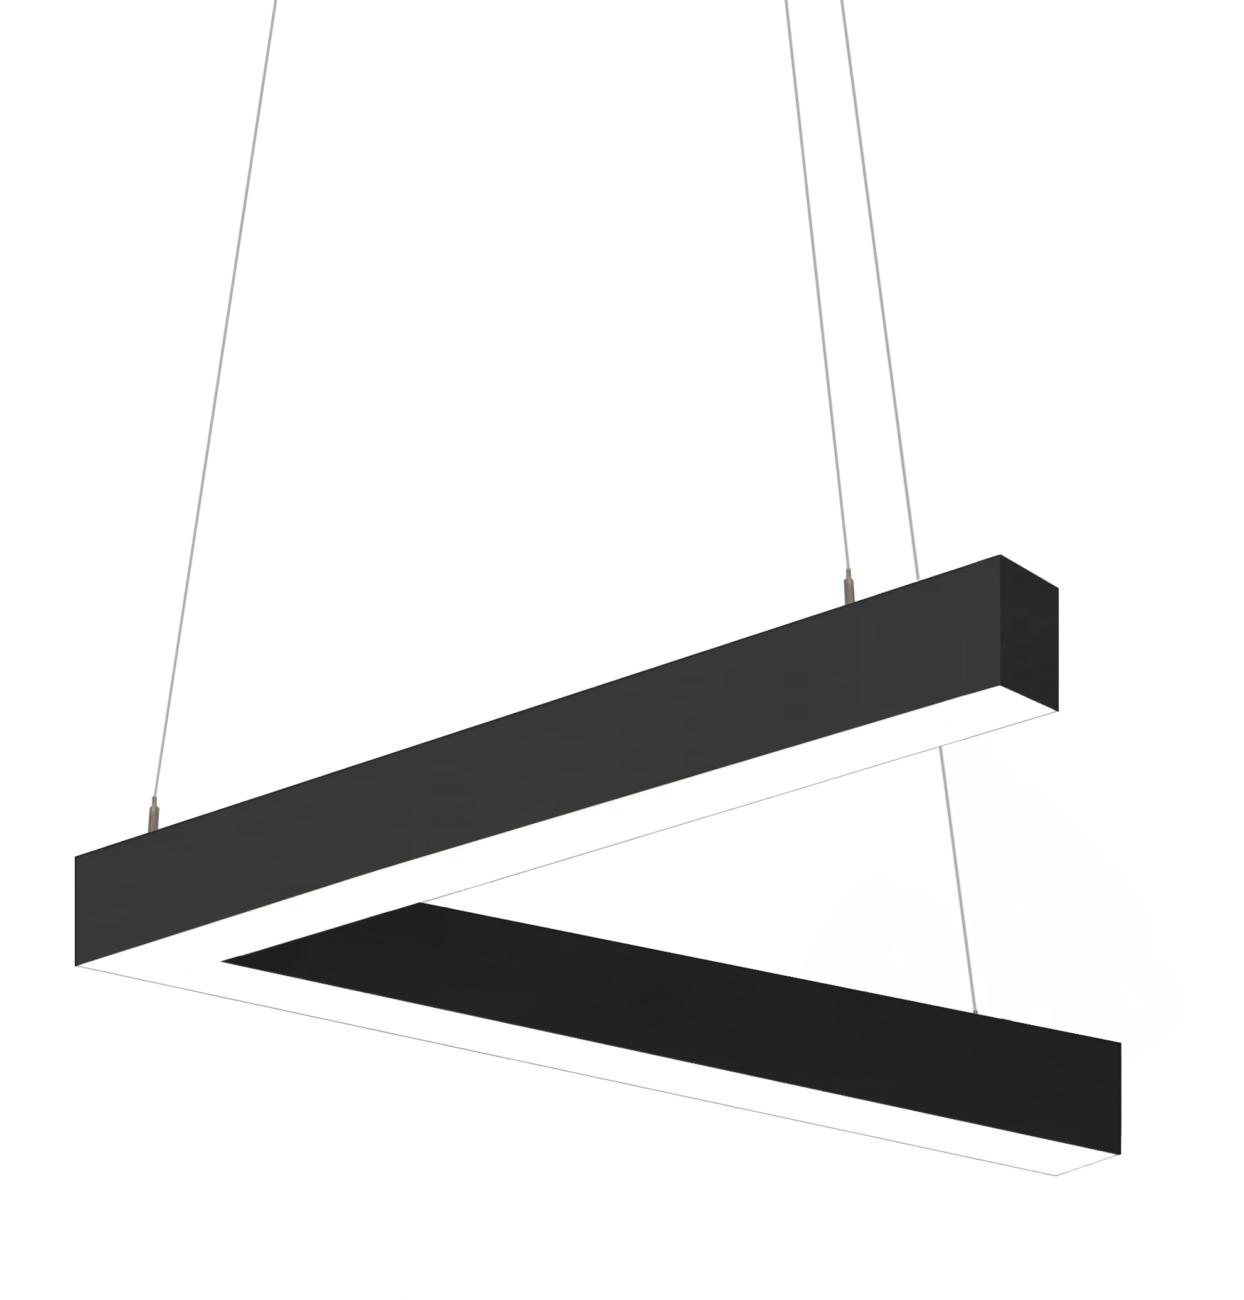 Светильник Style-5070. 1000×1000мм. 4000К/3000К. 34W/72W купить во Владимире